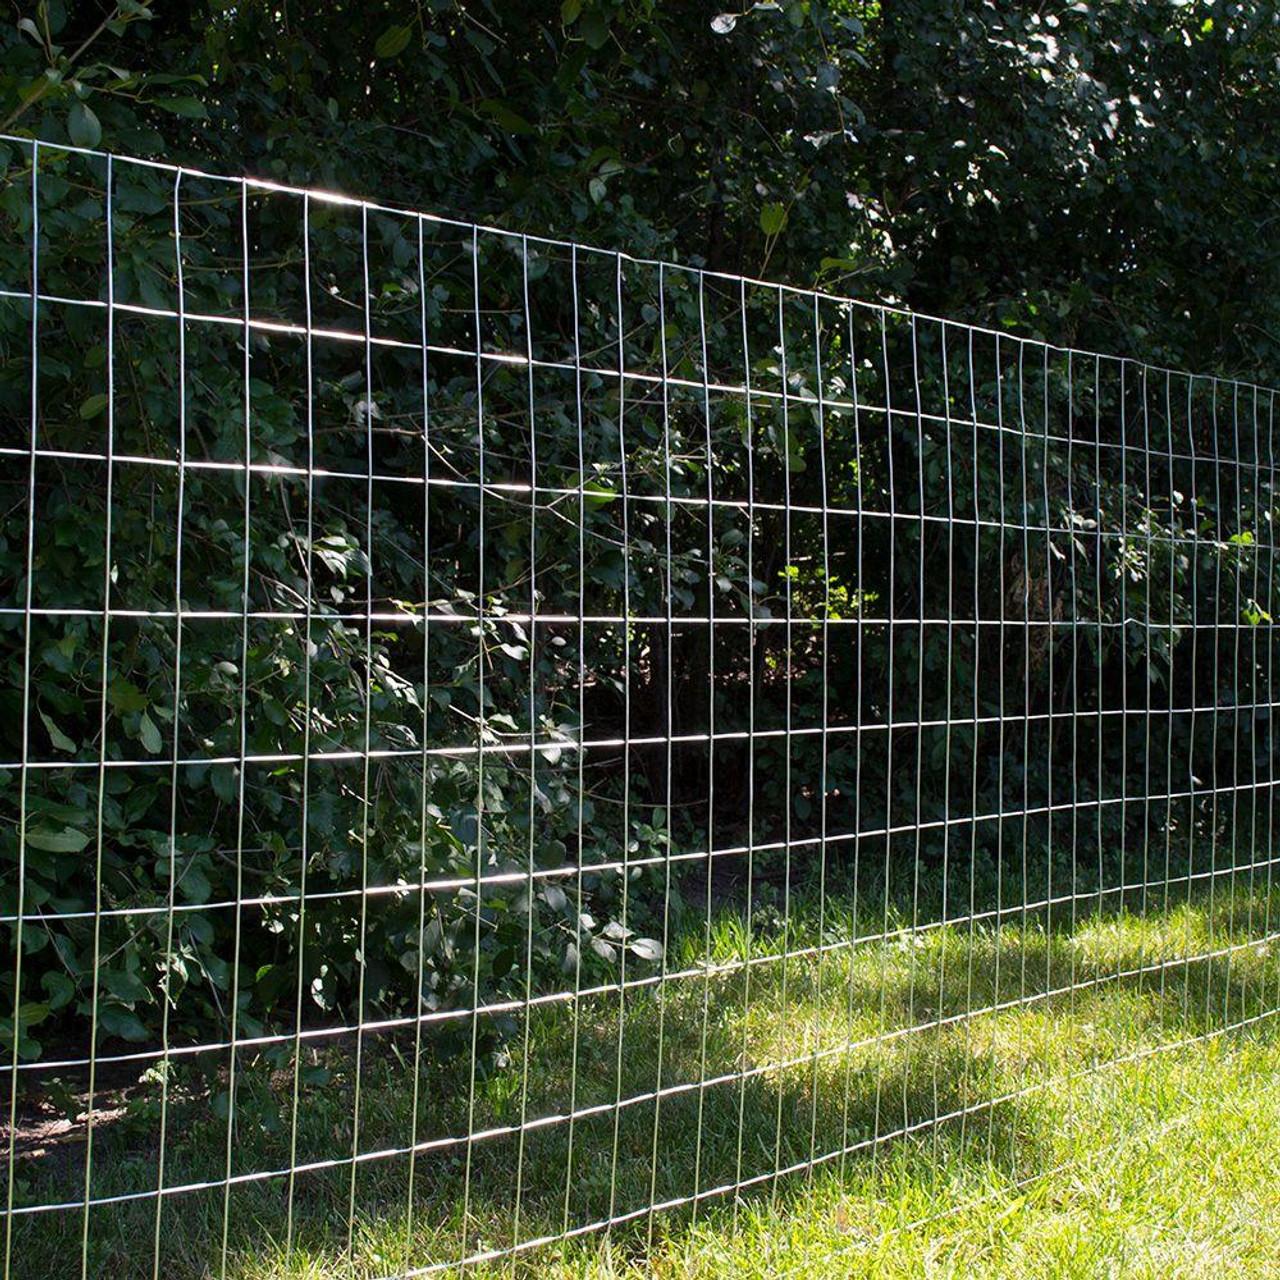 14 Gauge Galvanized Welded Wire Mesh 2 inch x 4 inch - FencerWire